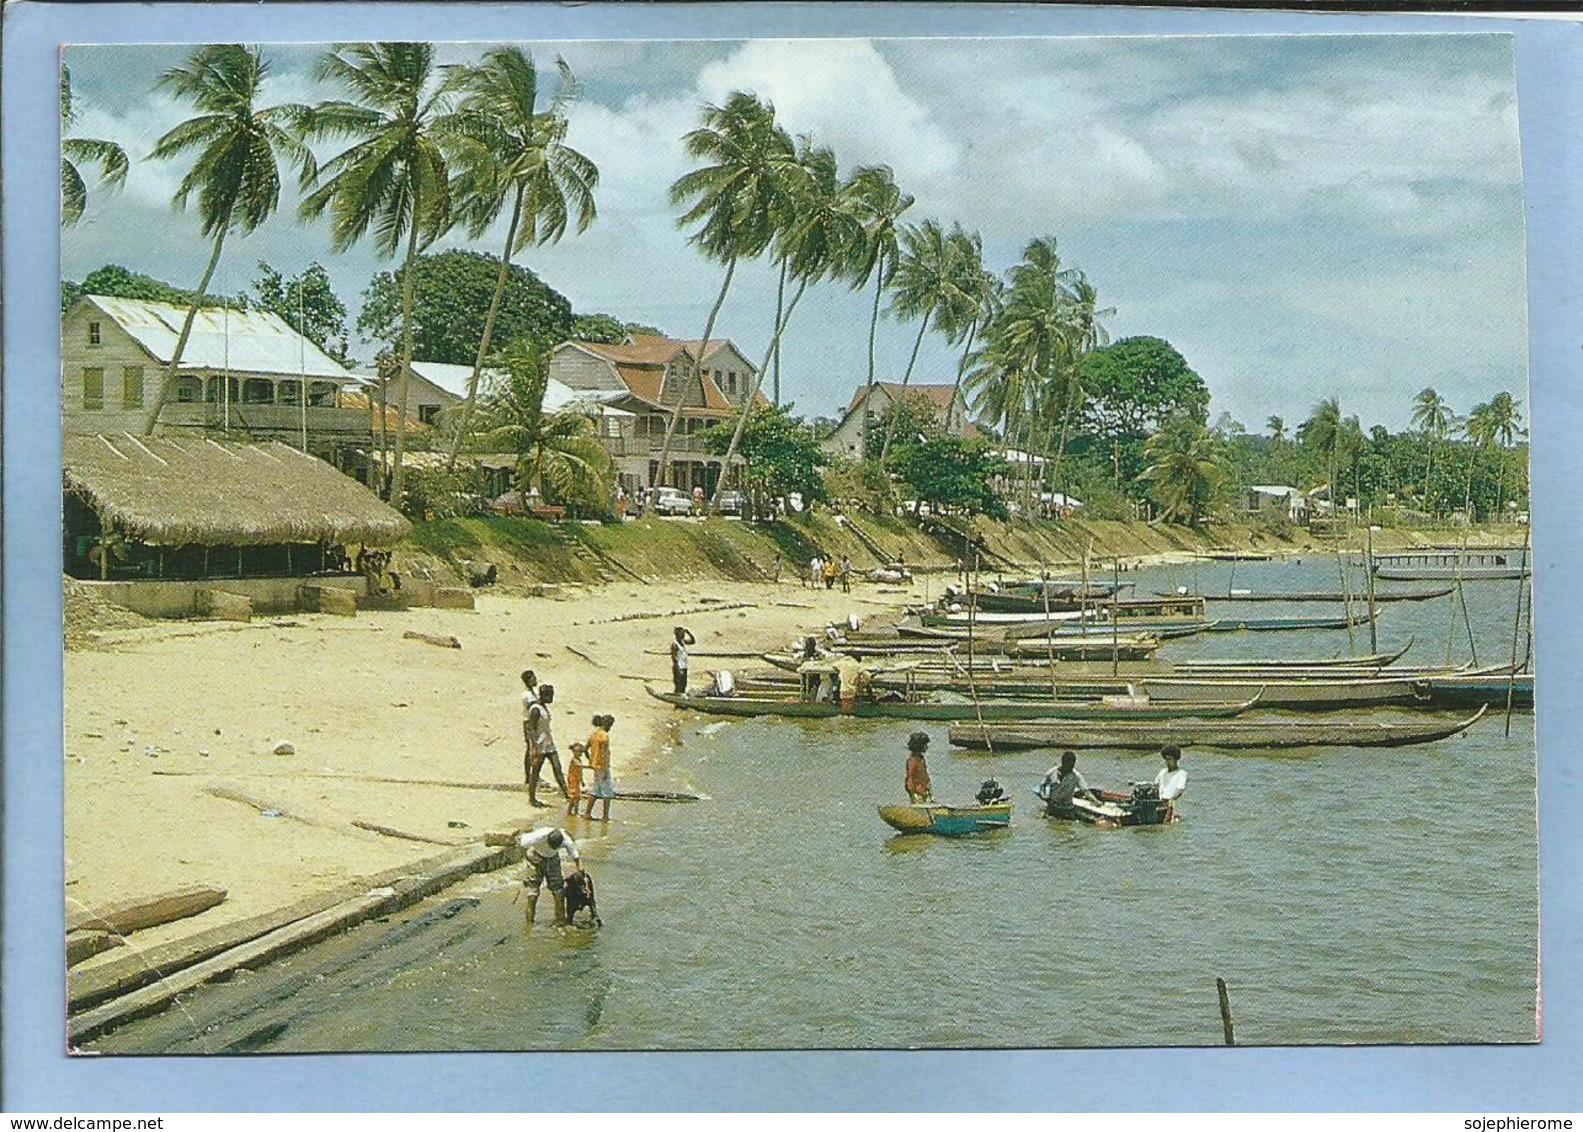 Carte Postale Animée Editions G. Delabergerie à Cayenne - Guyane Française 2 Scans Pirogues Village Palmiers Plage - Cayenne